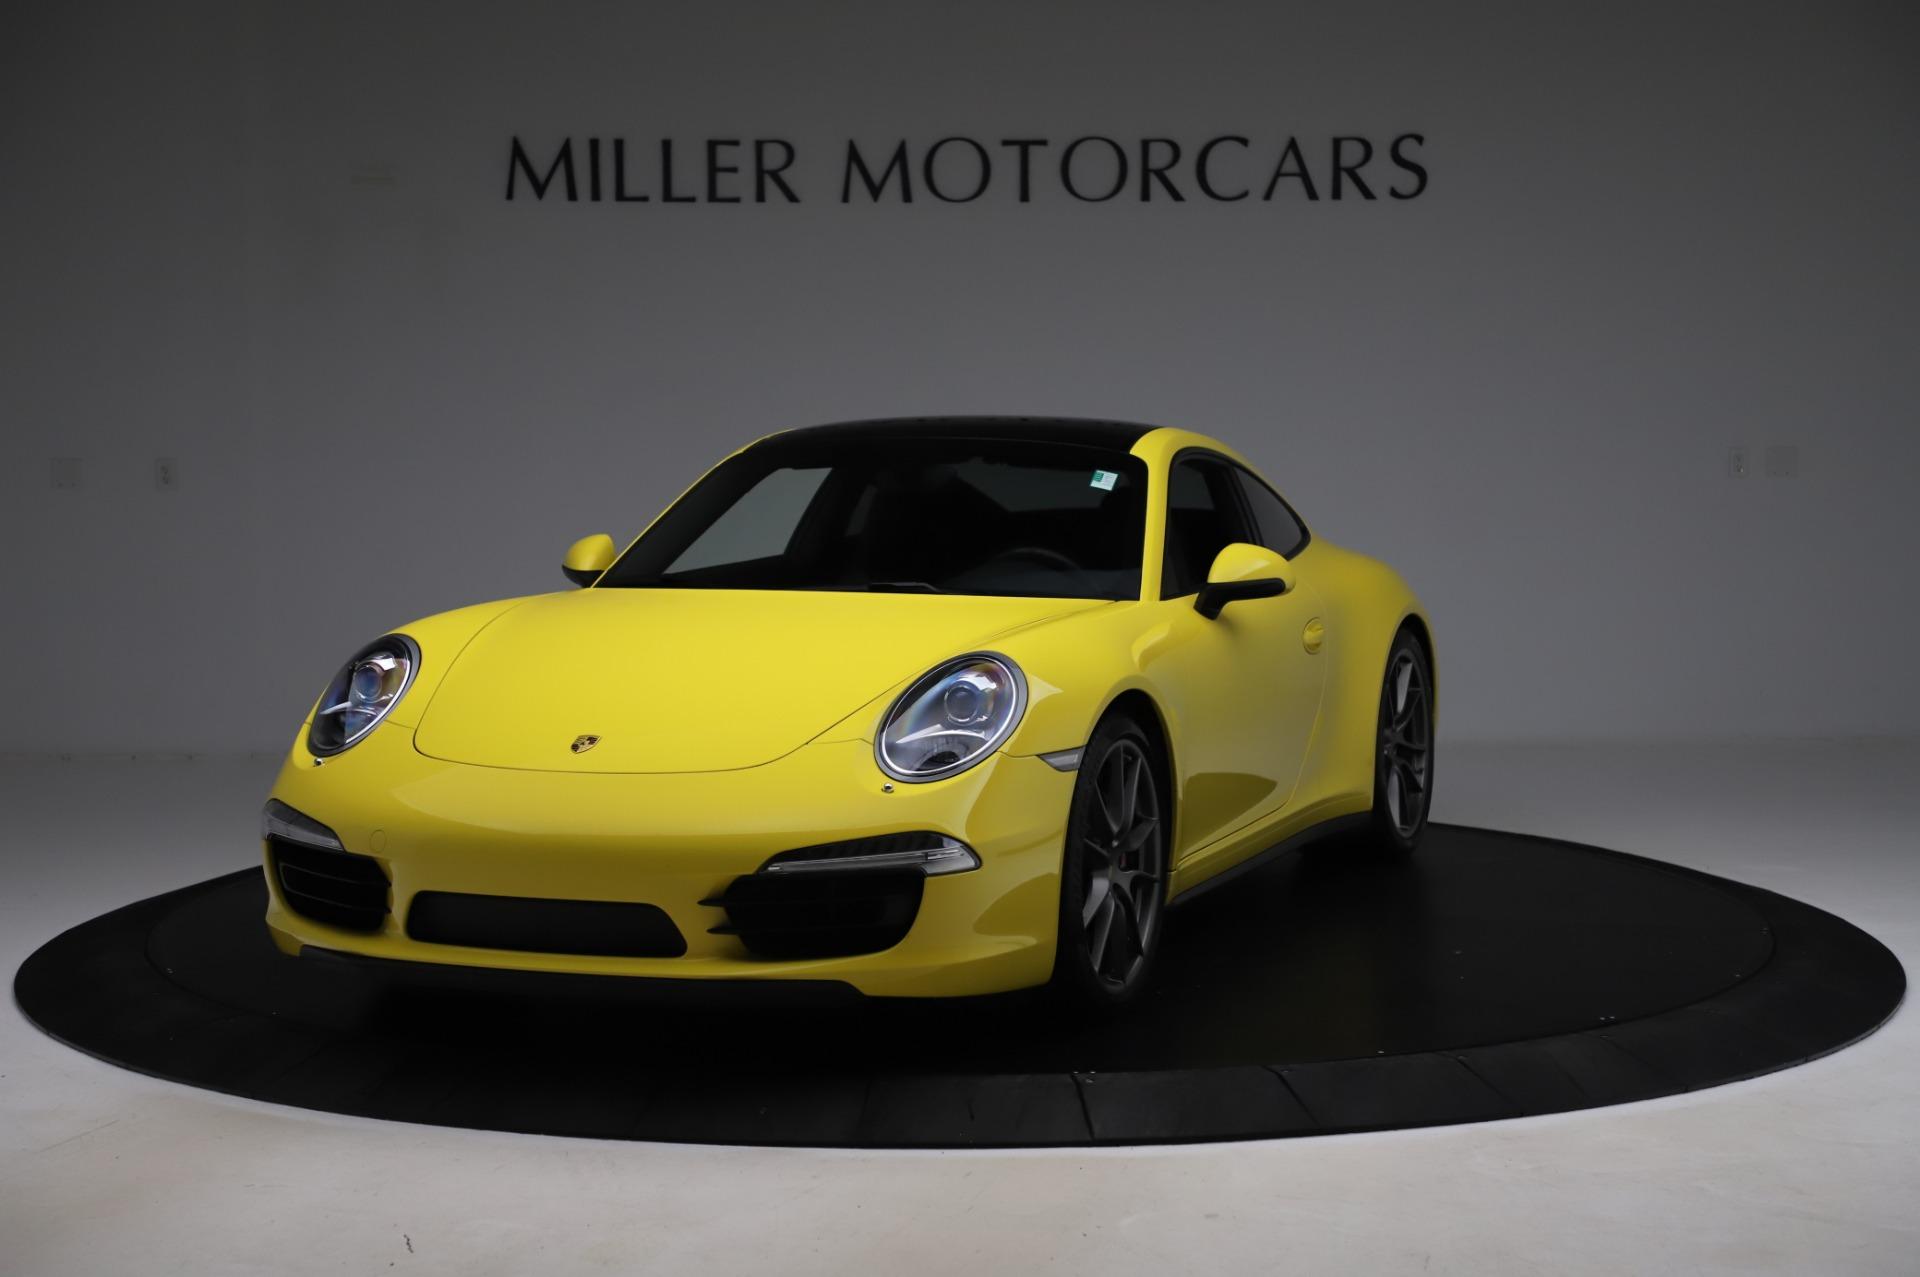 Used 2013 Porsche 911 Carrera 4S for sale $74,900 at Alfa Romeo of Greenwich in Greenwich CT 06830 1